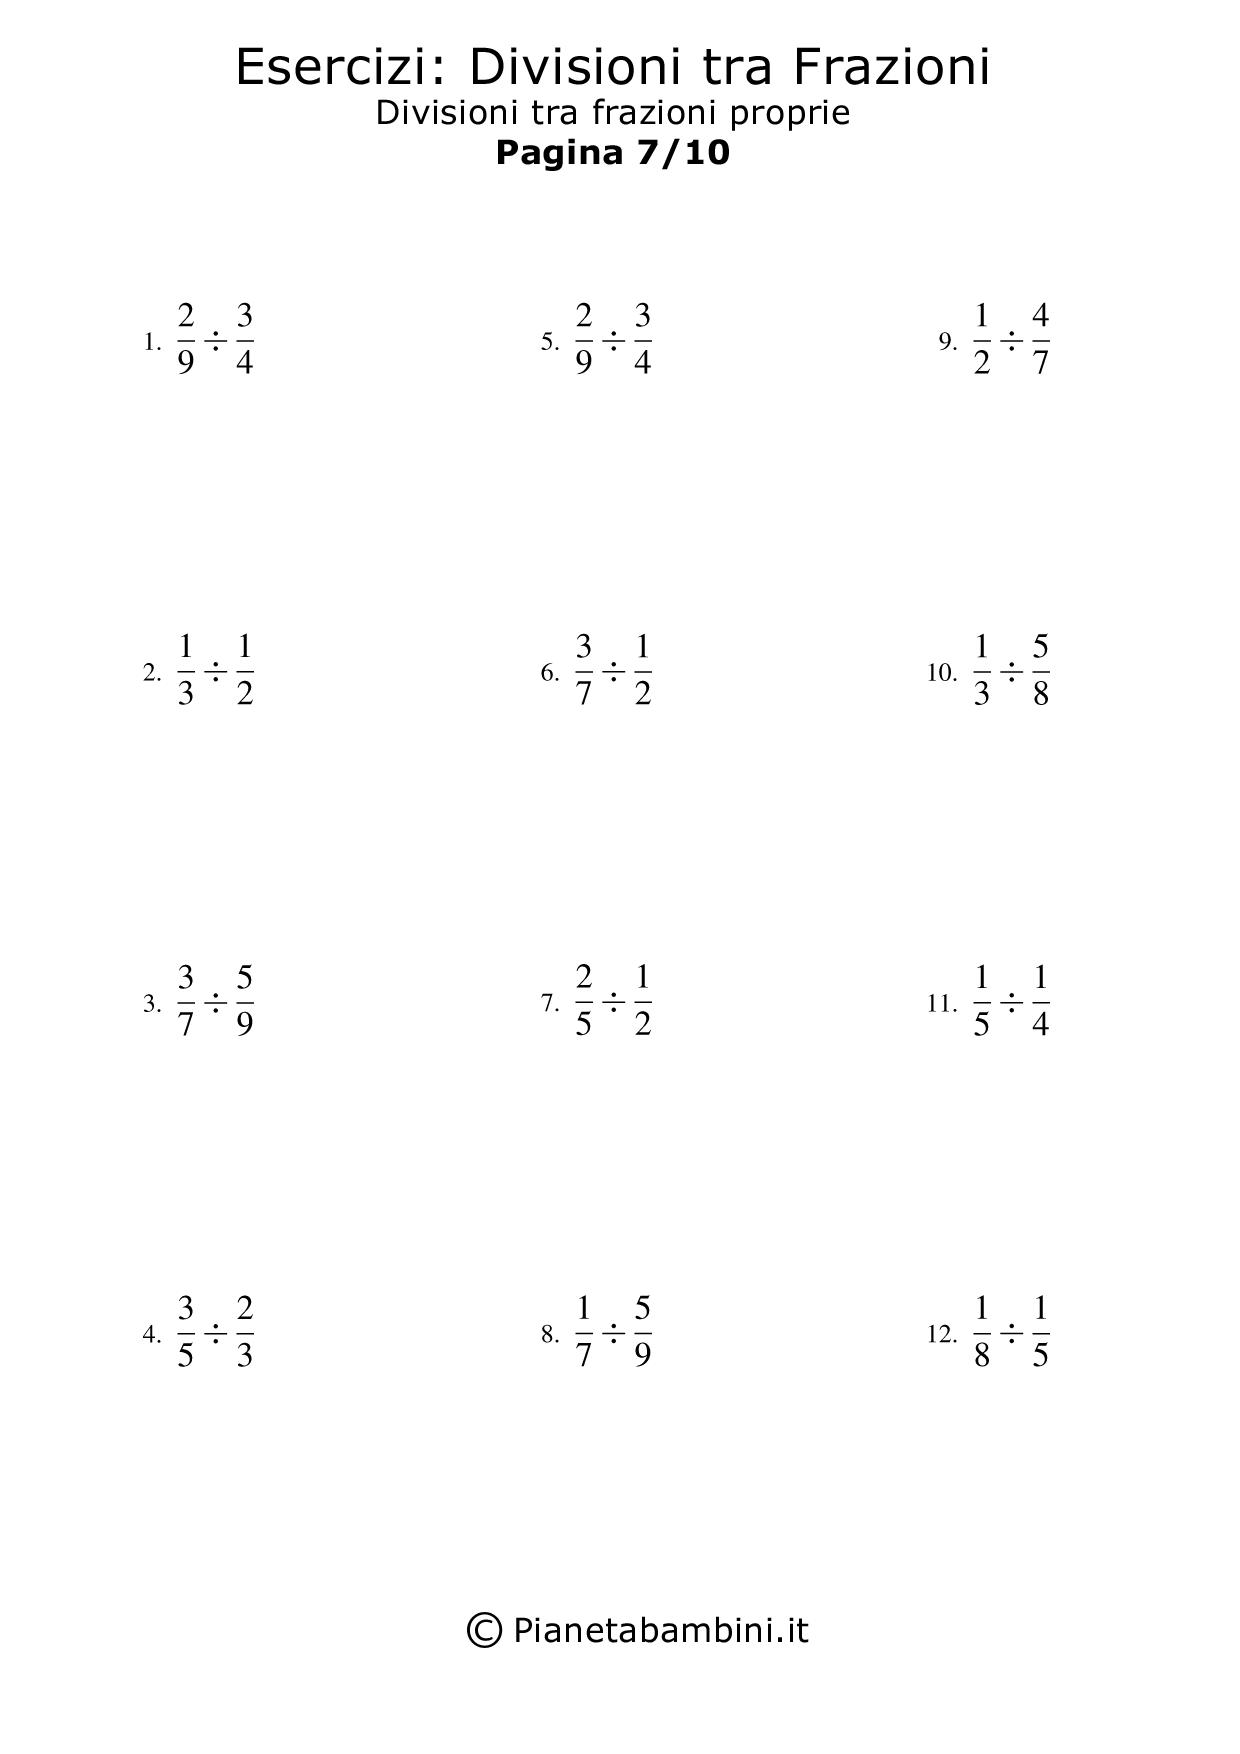 Esercizi-Divisioni-Frazioni-Proprie_07